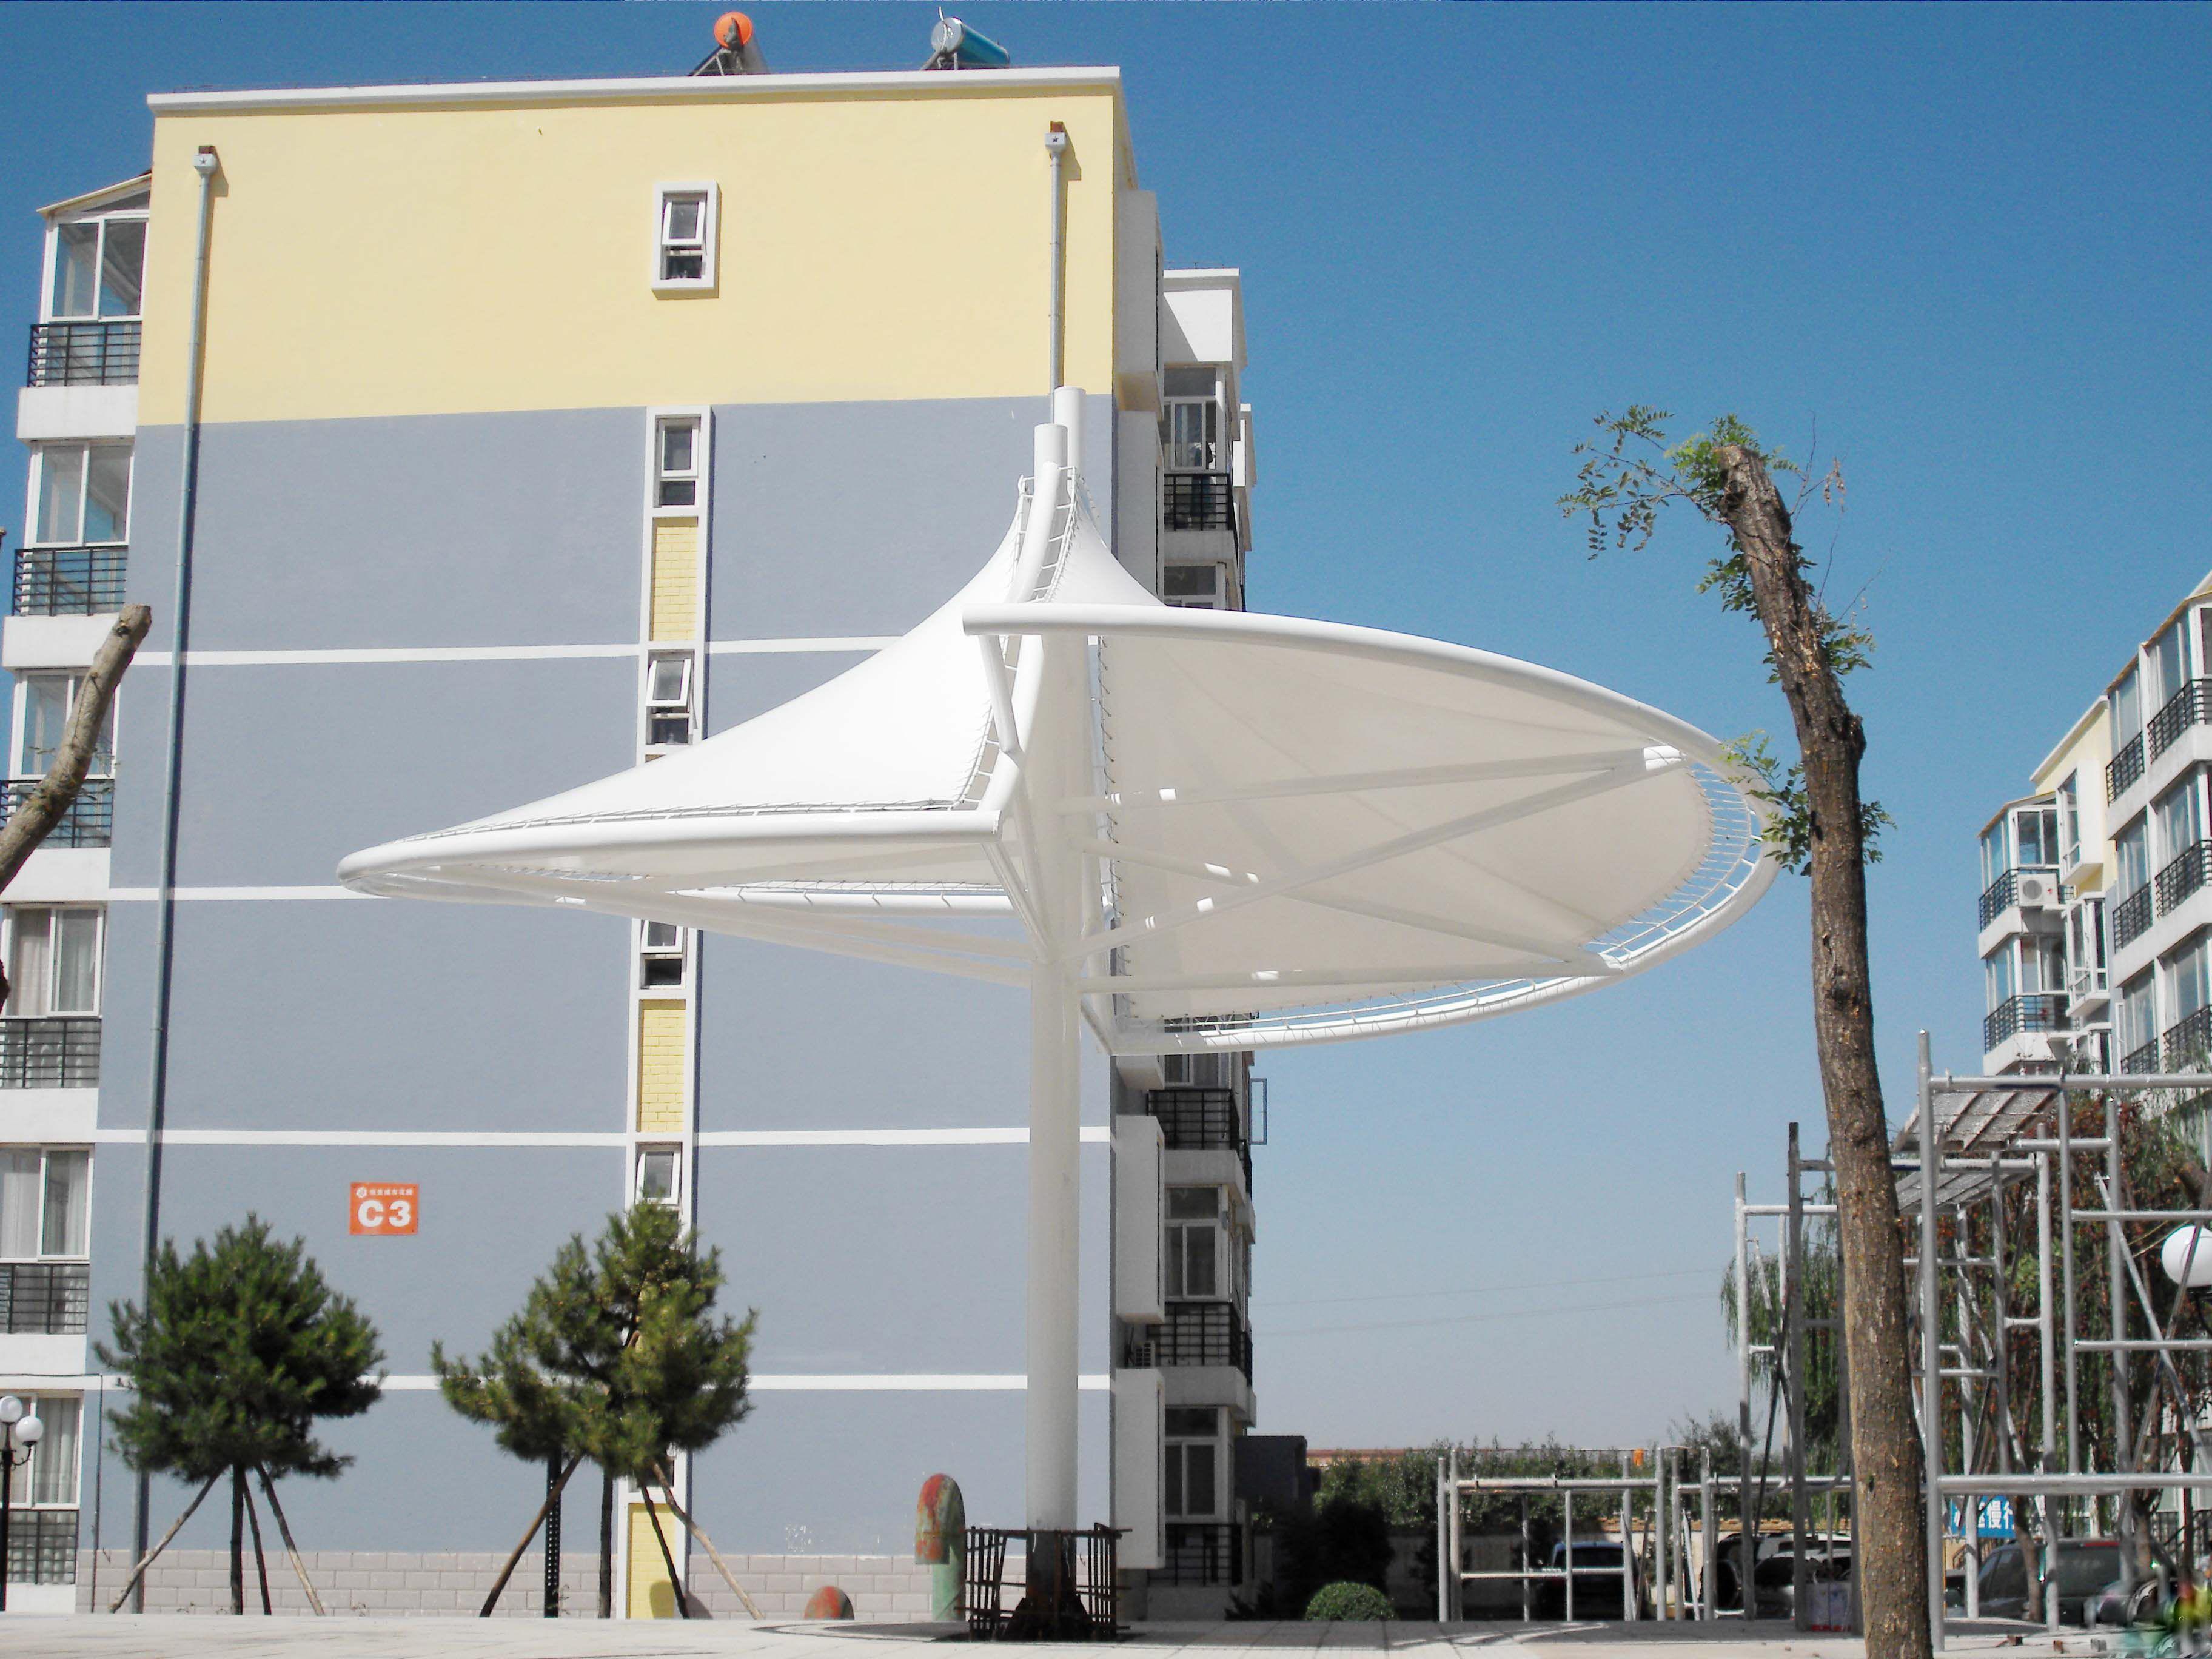 膜结构建筑伞 膜结构建筑遮阳伞 产品演示图2